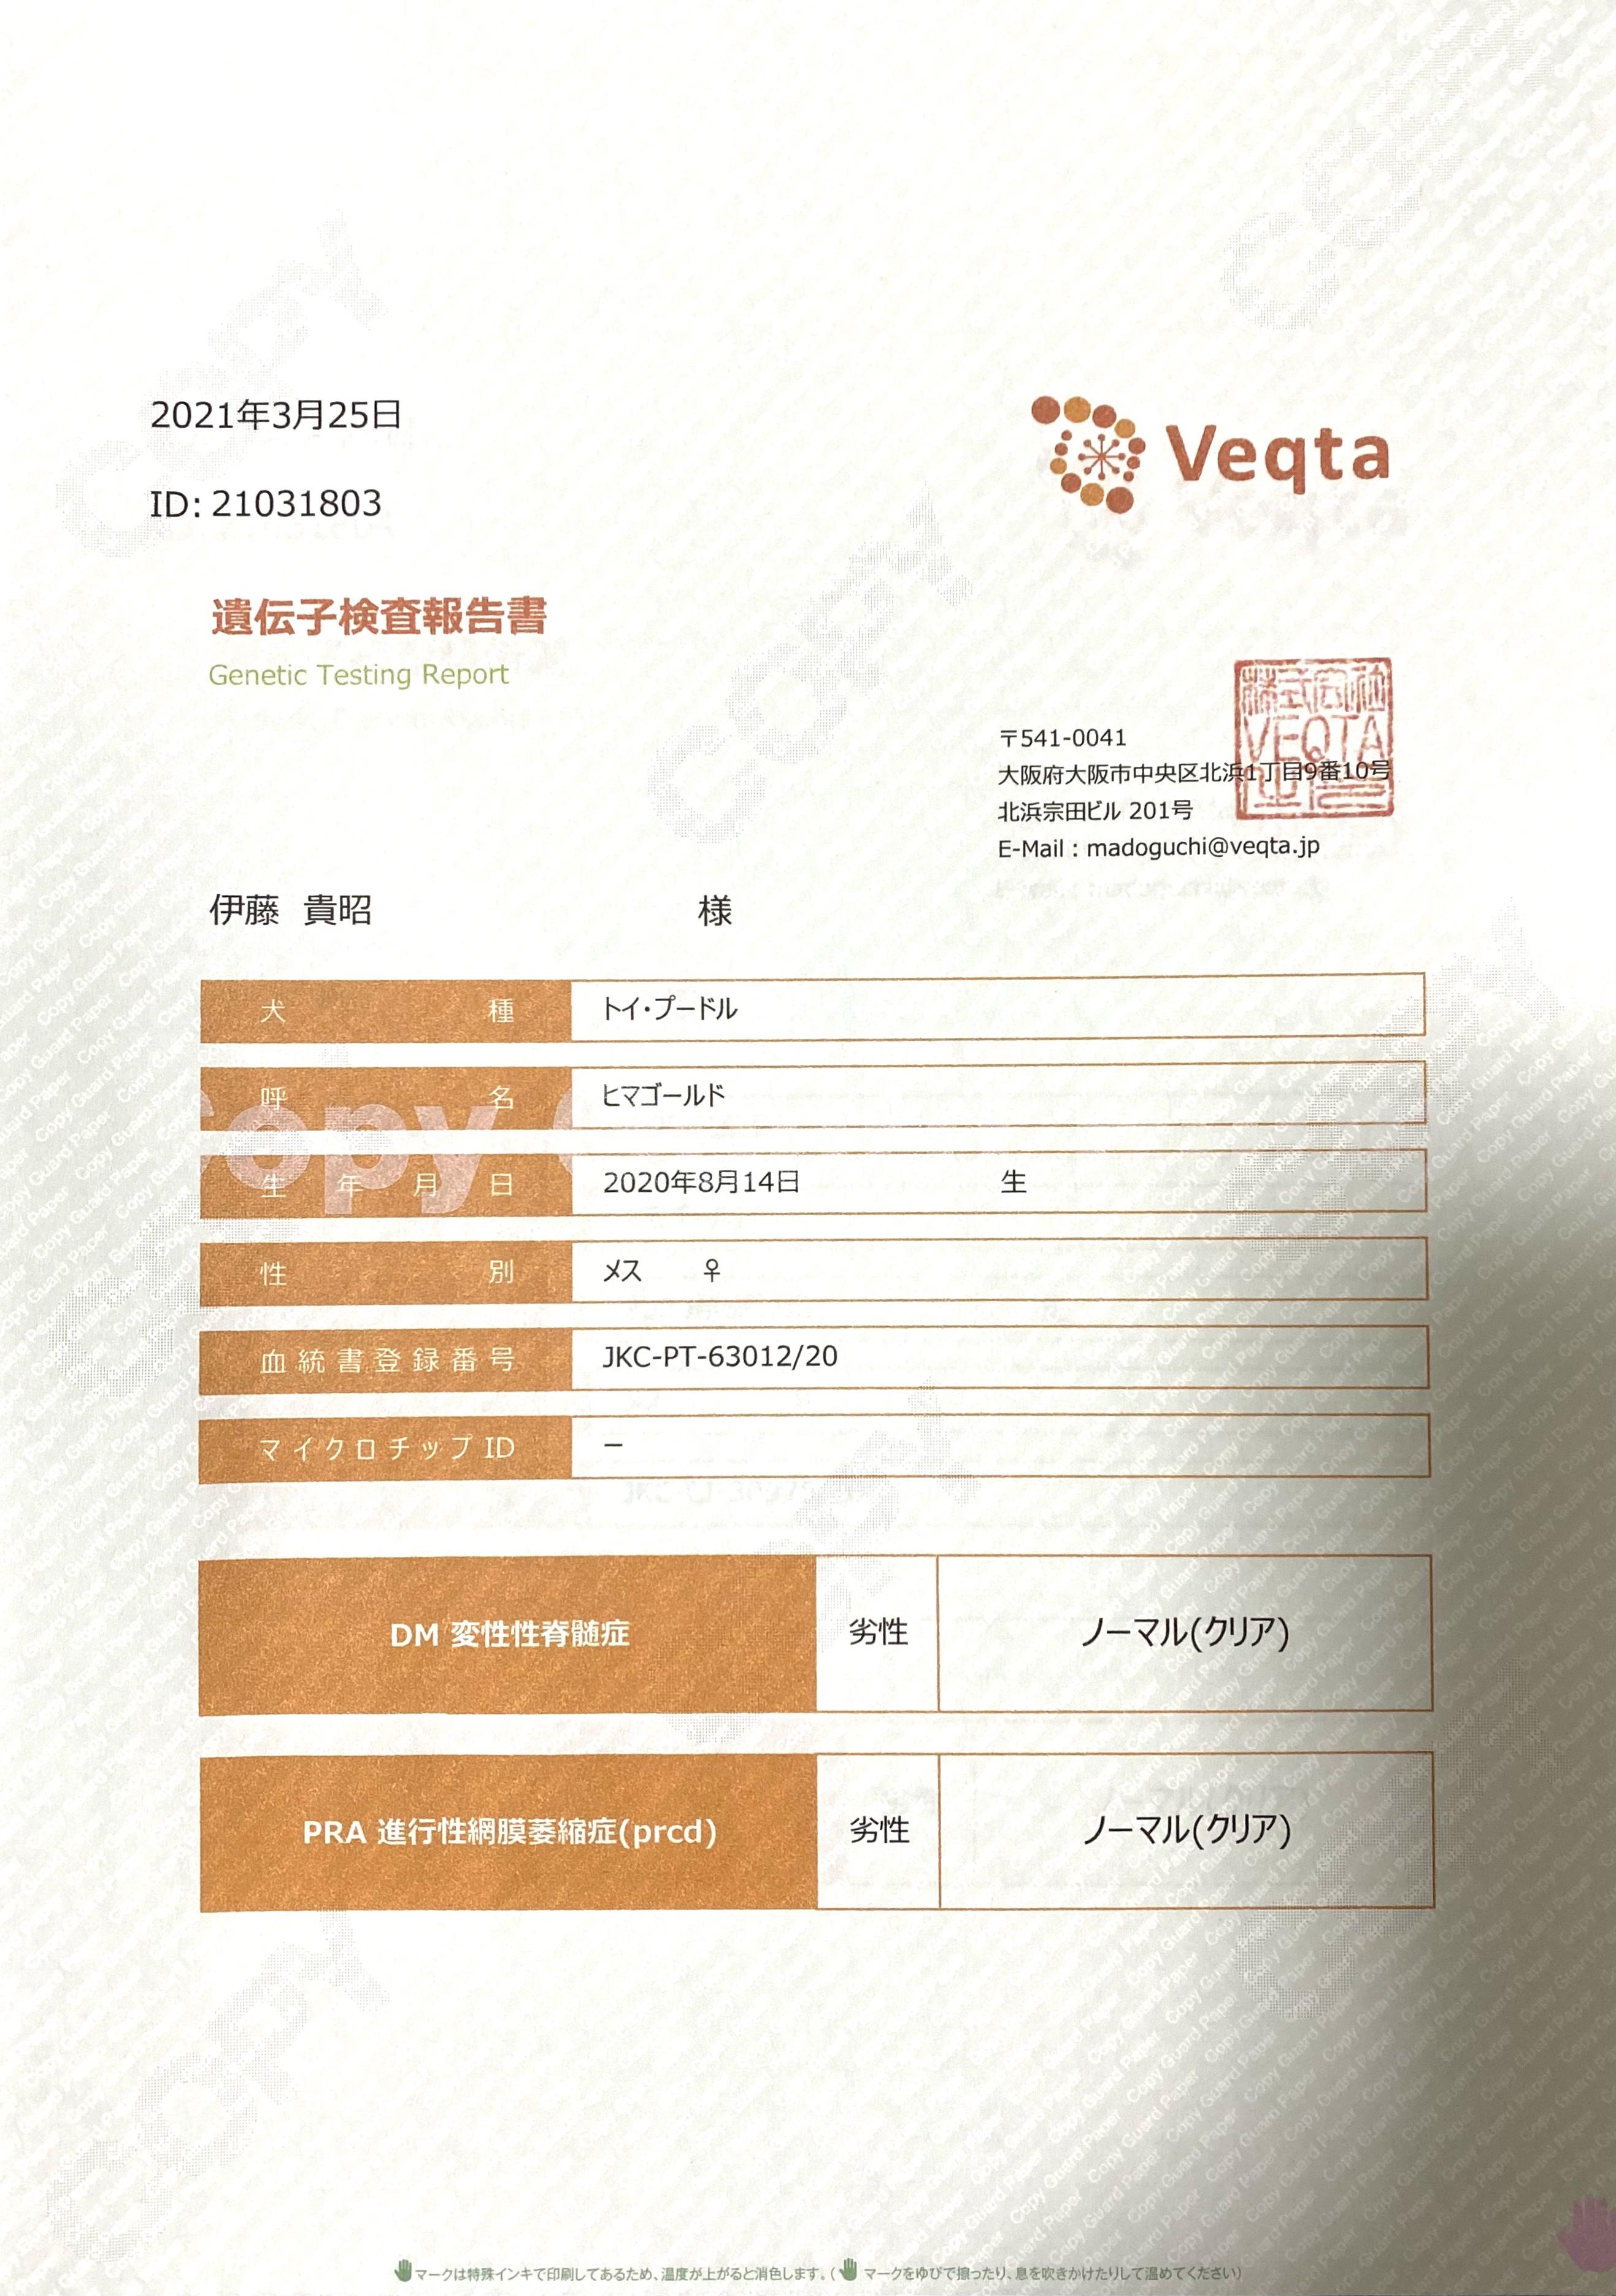 9134B733-AE10-47FF-9E3F-92046798D7D0